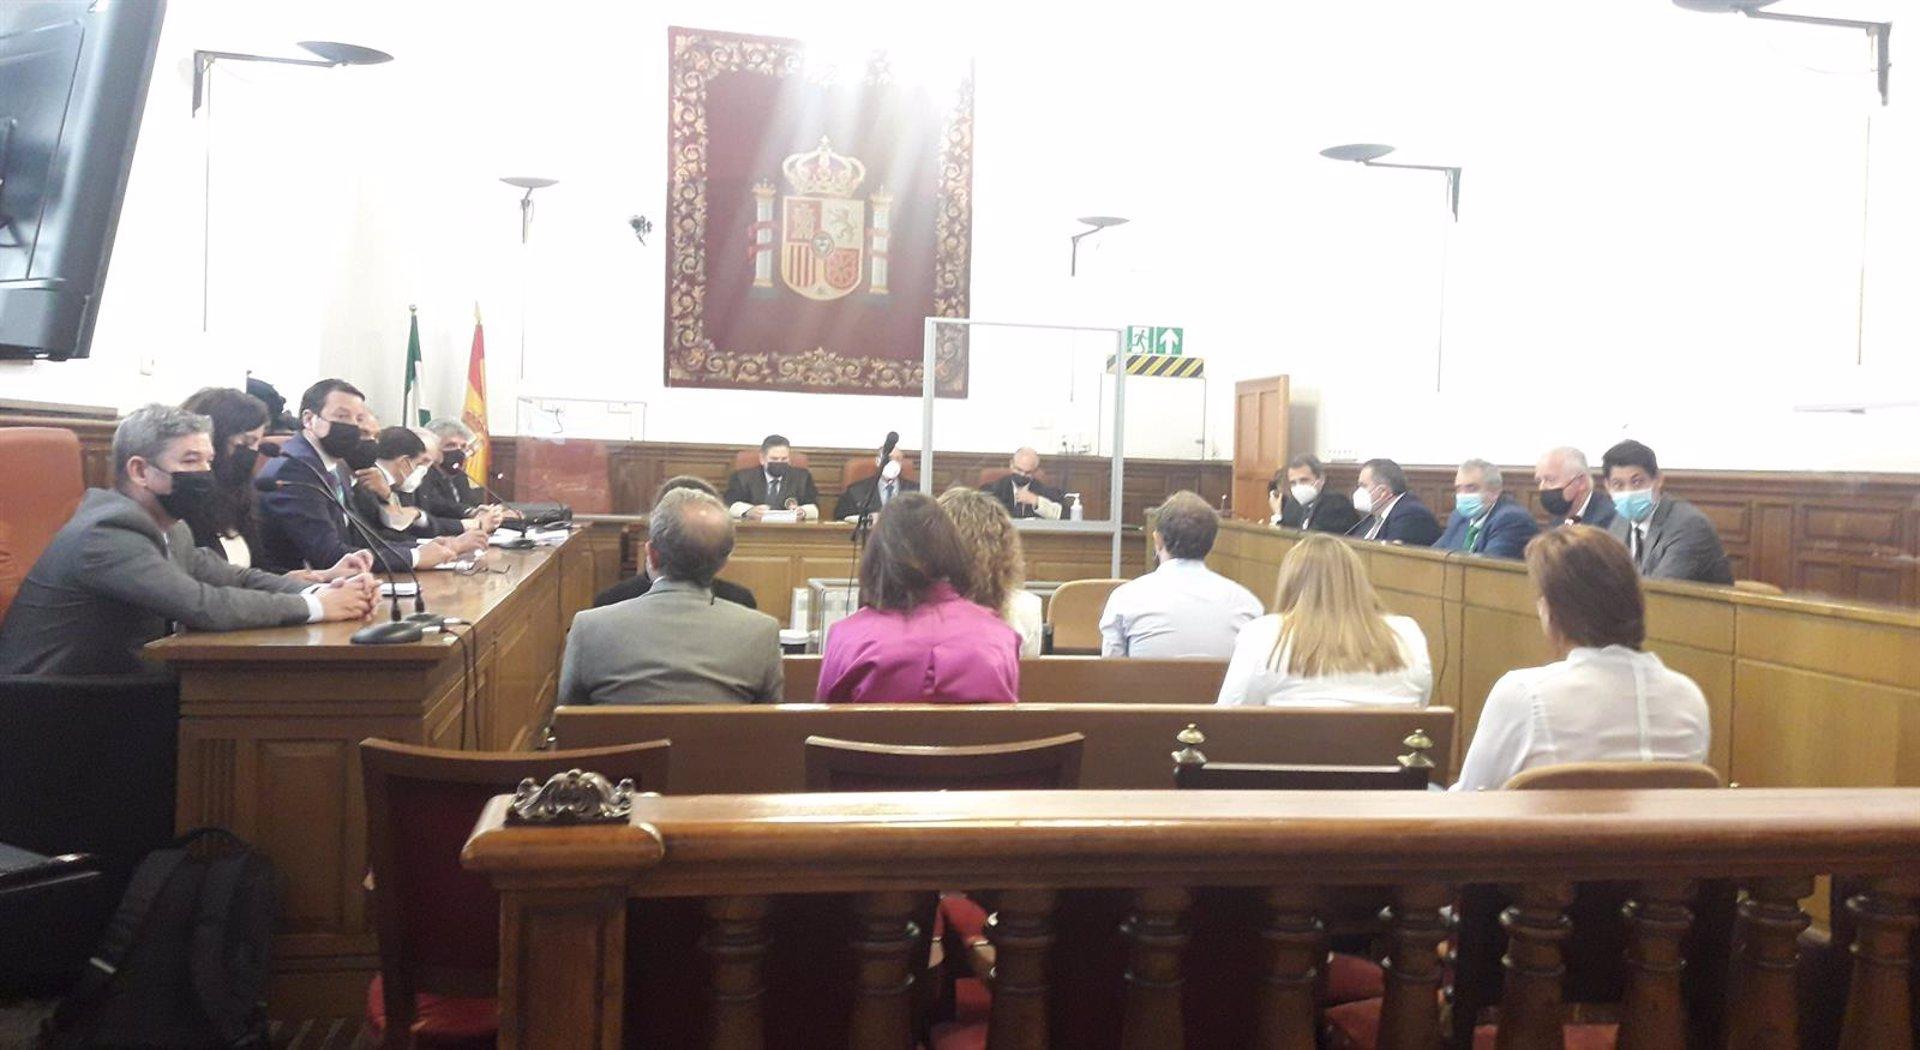 Dos años de prisión por contrataciones 'fantasma' en Emucesa para dos exconcejales del PP en Ayuntamiento de Granada